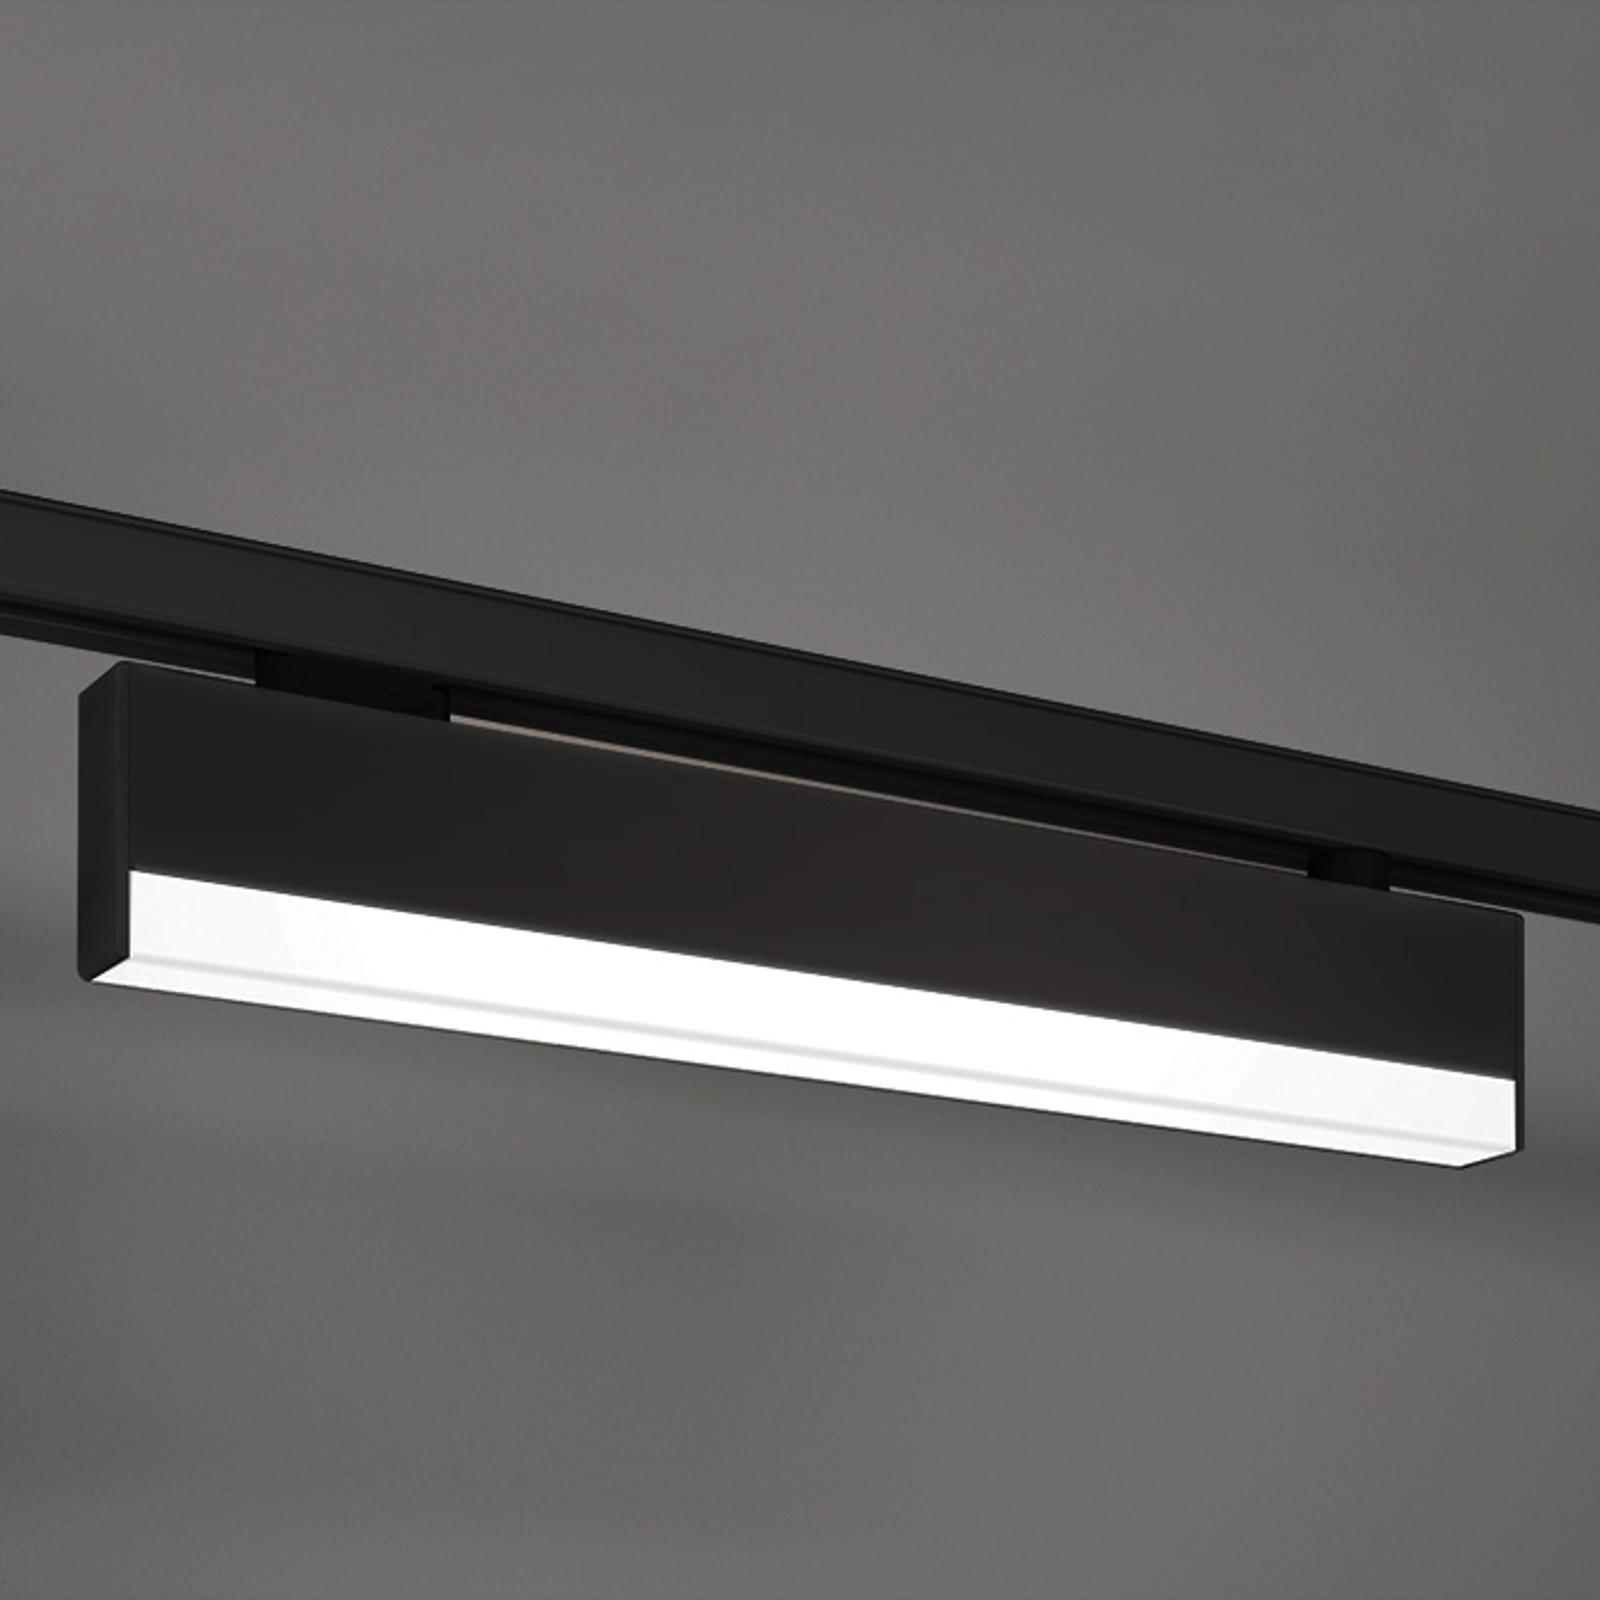 LED lamp voor 3-fasen railsysteem, zwart